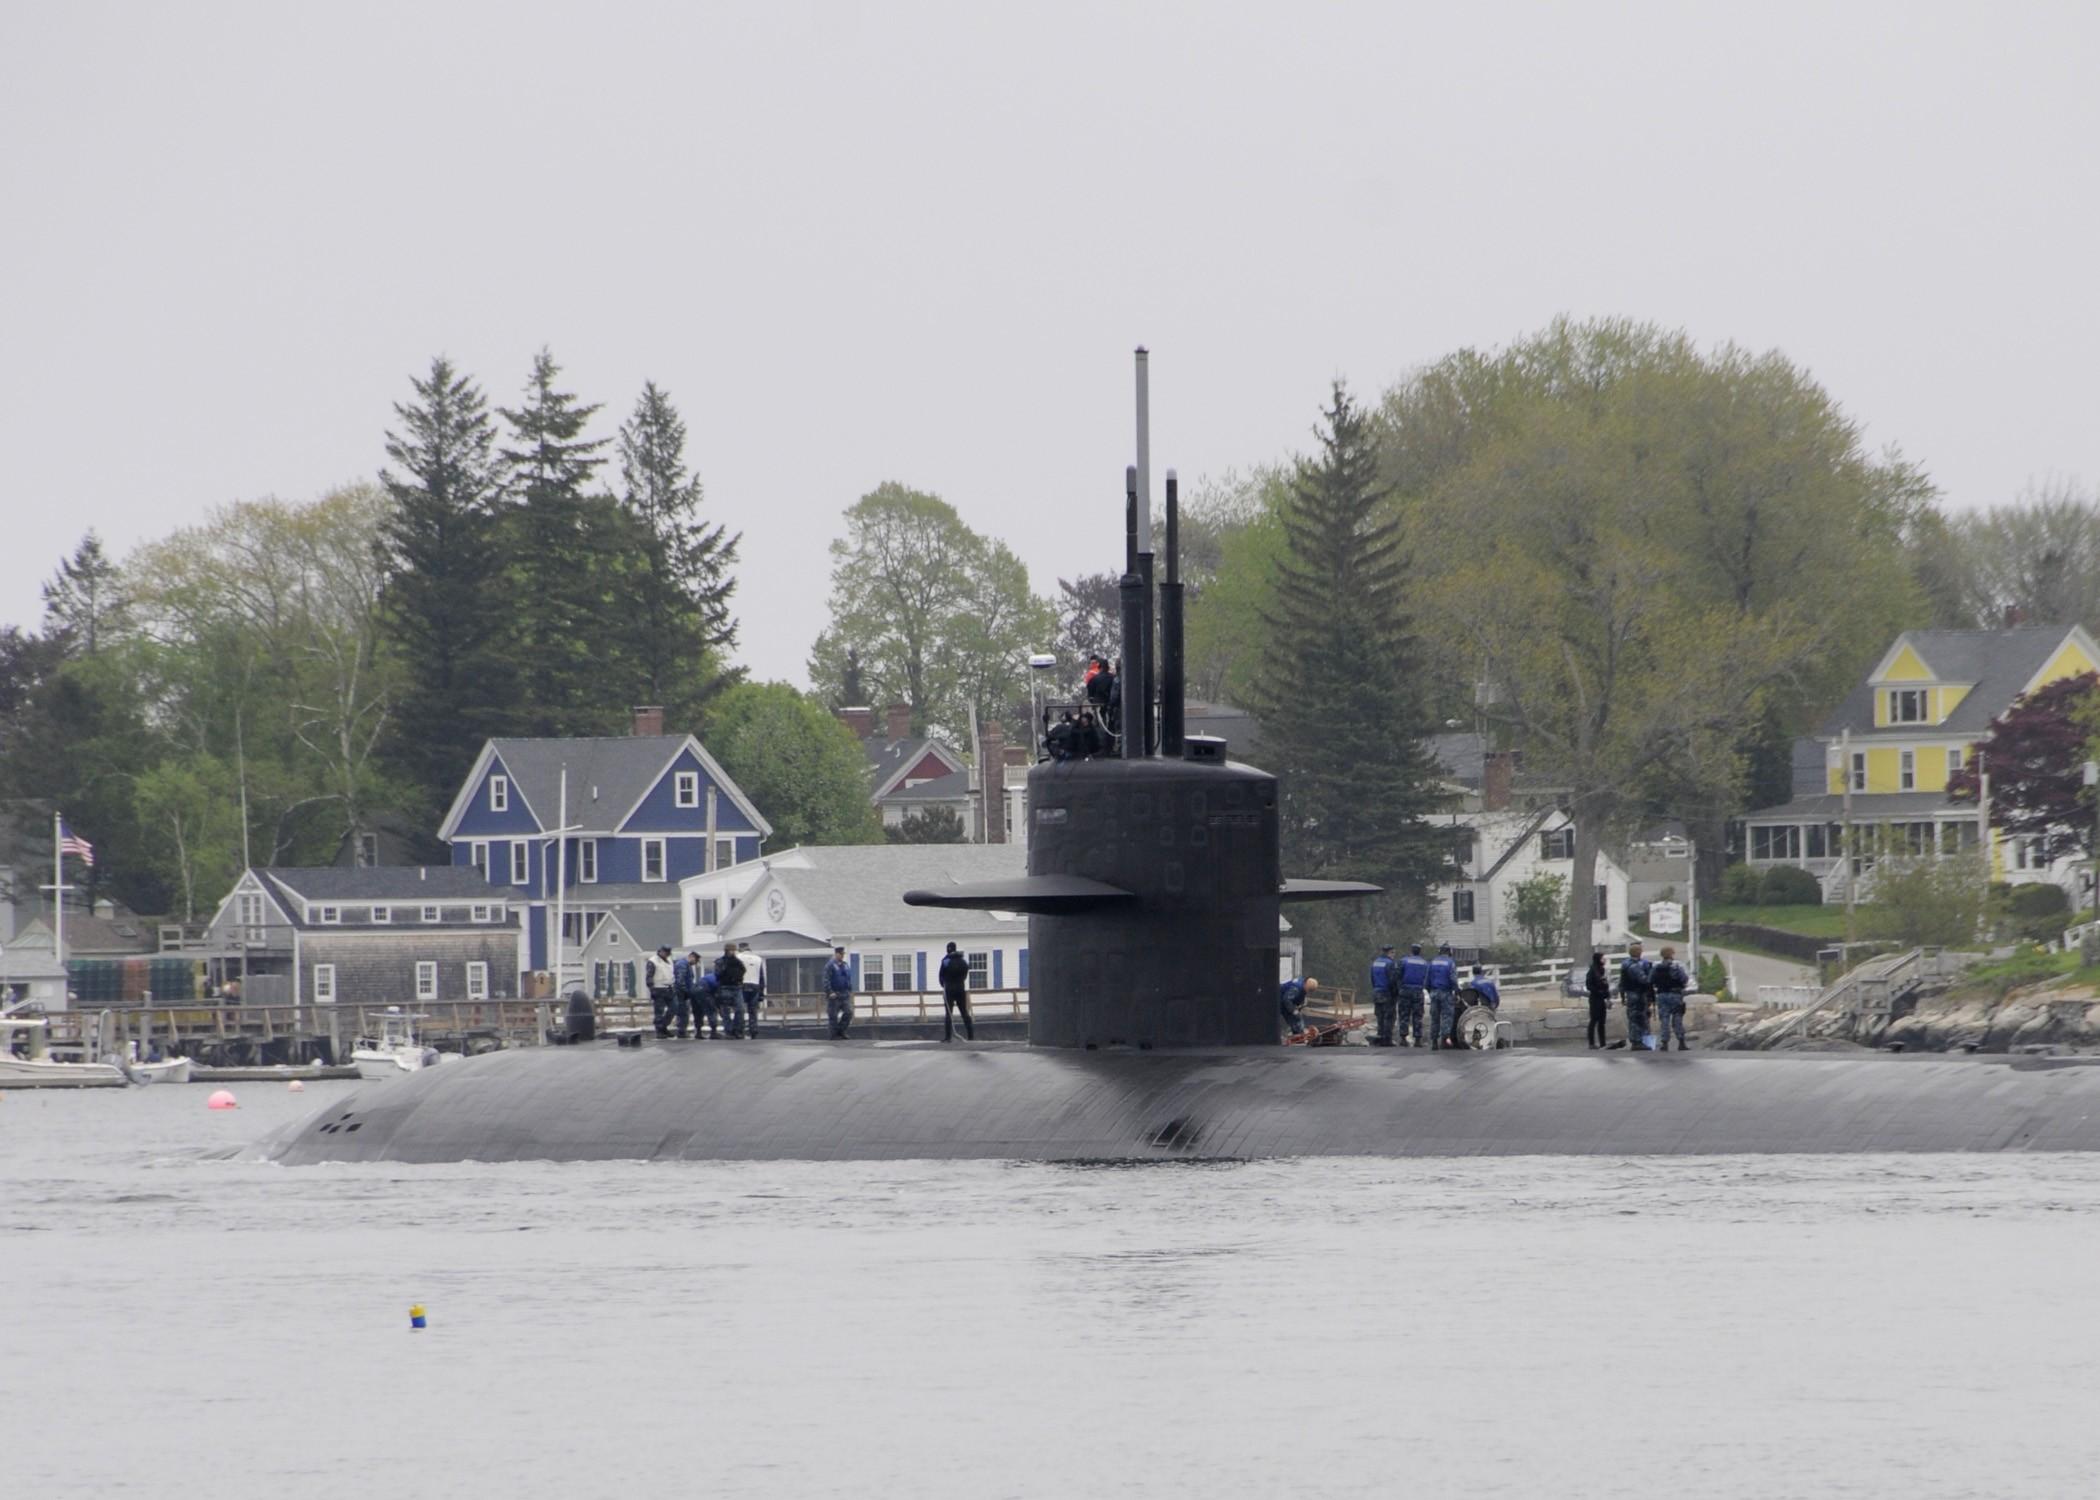 Helena IV (SSN-725)